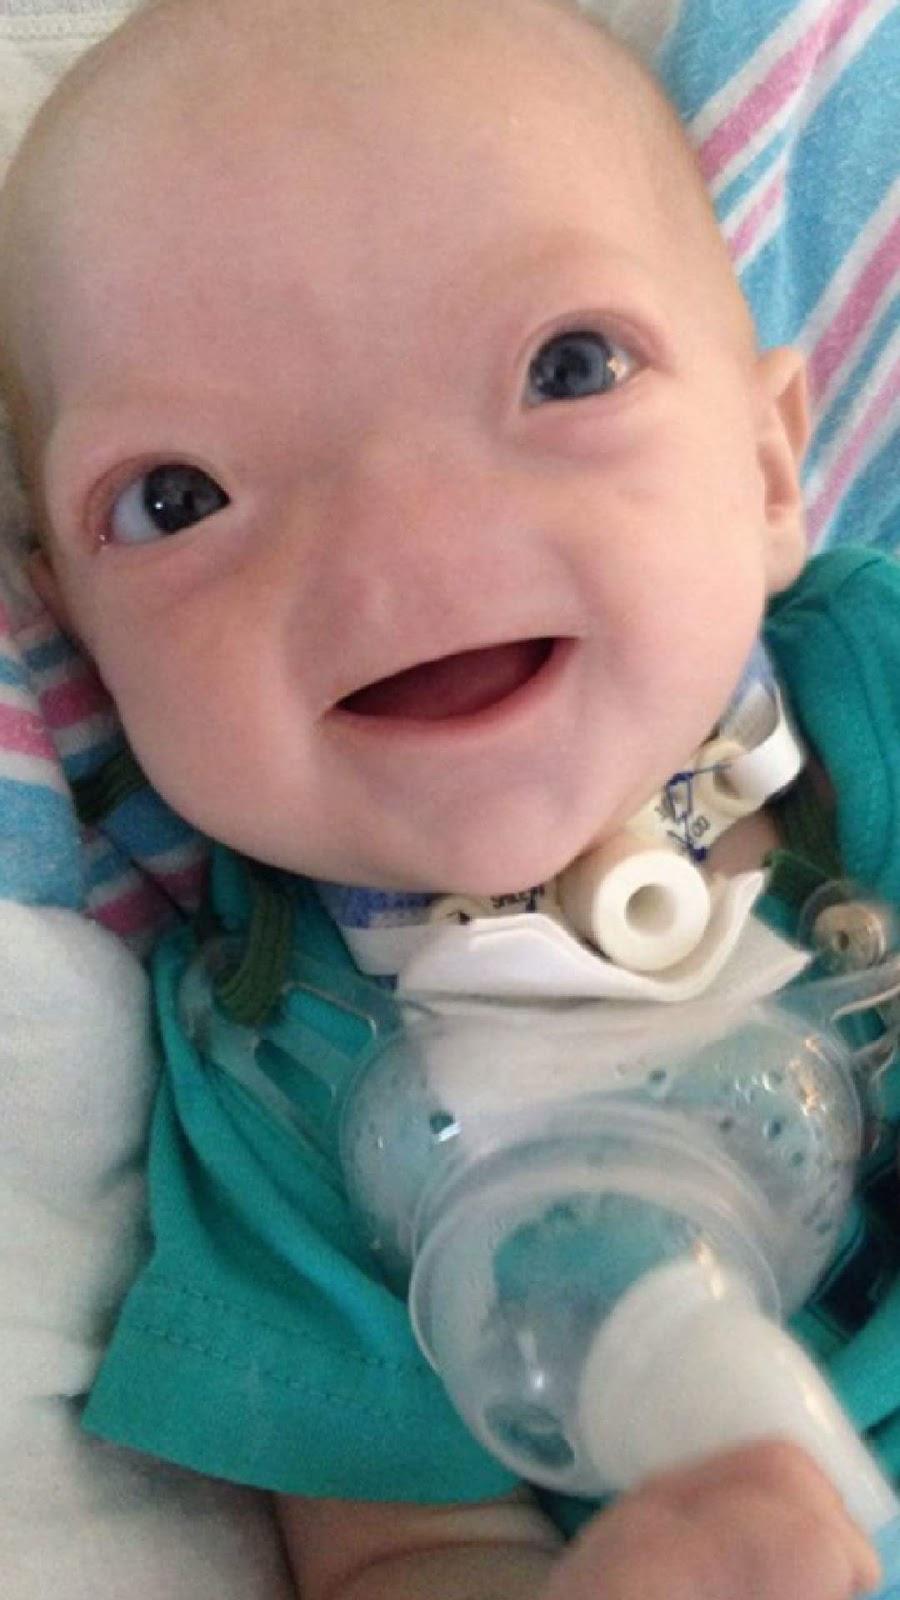 生まれ付きで鼻のない赤ちゃんだったイーライ・トンプソンが殘した笑顔